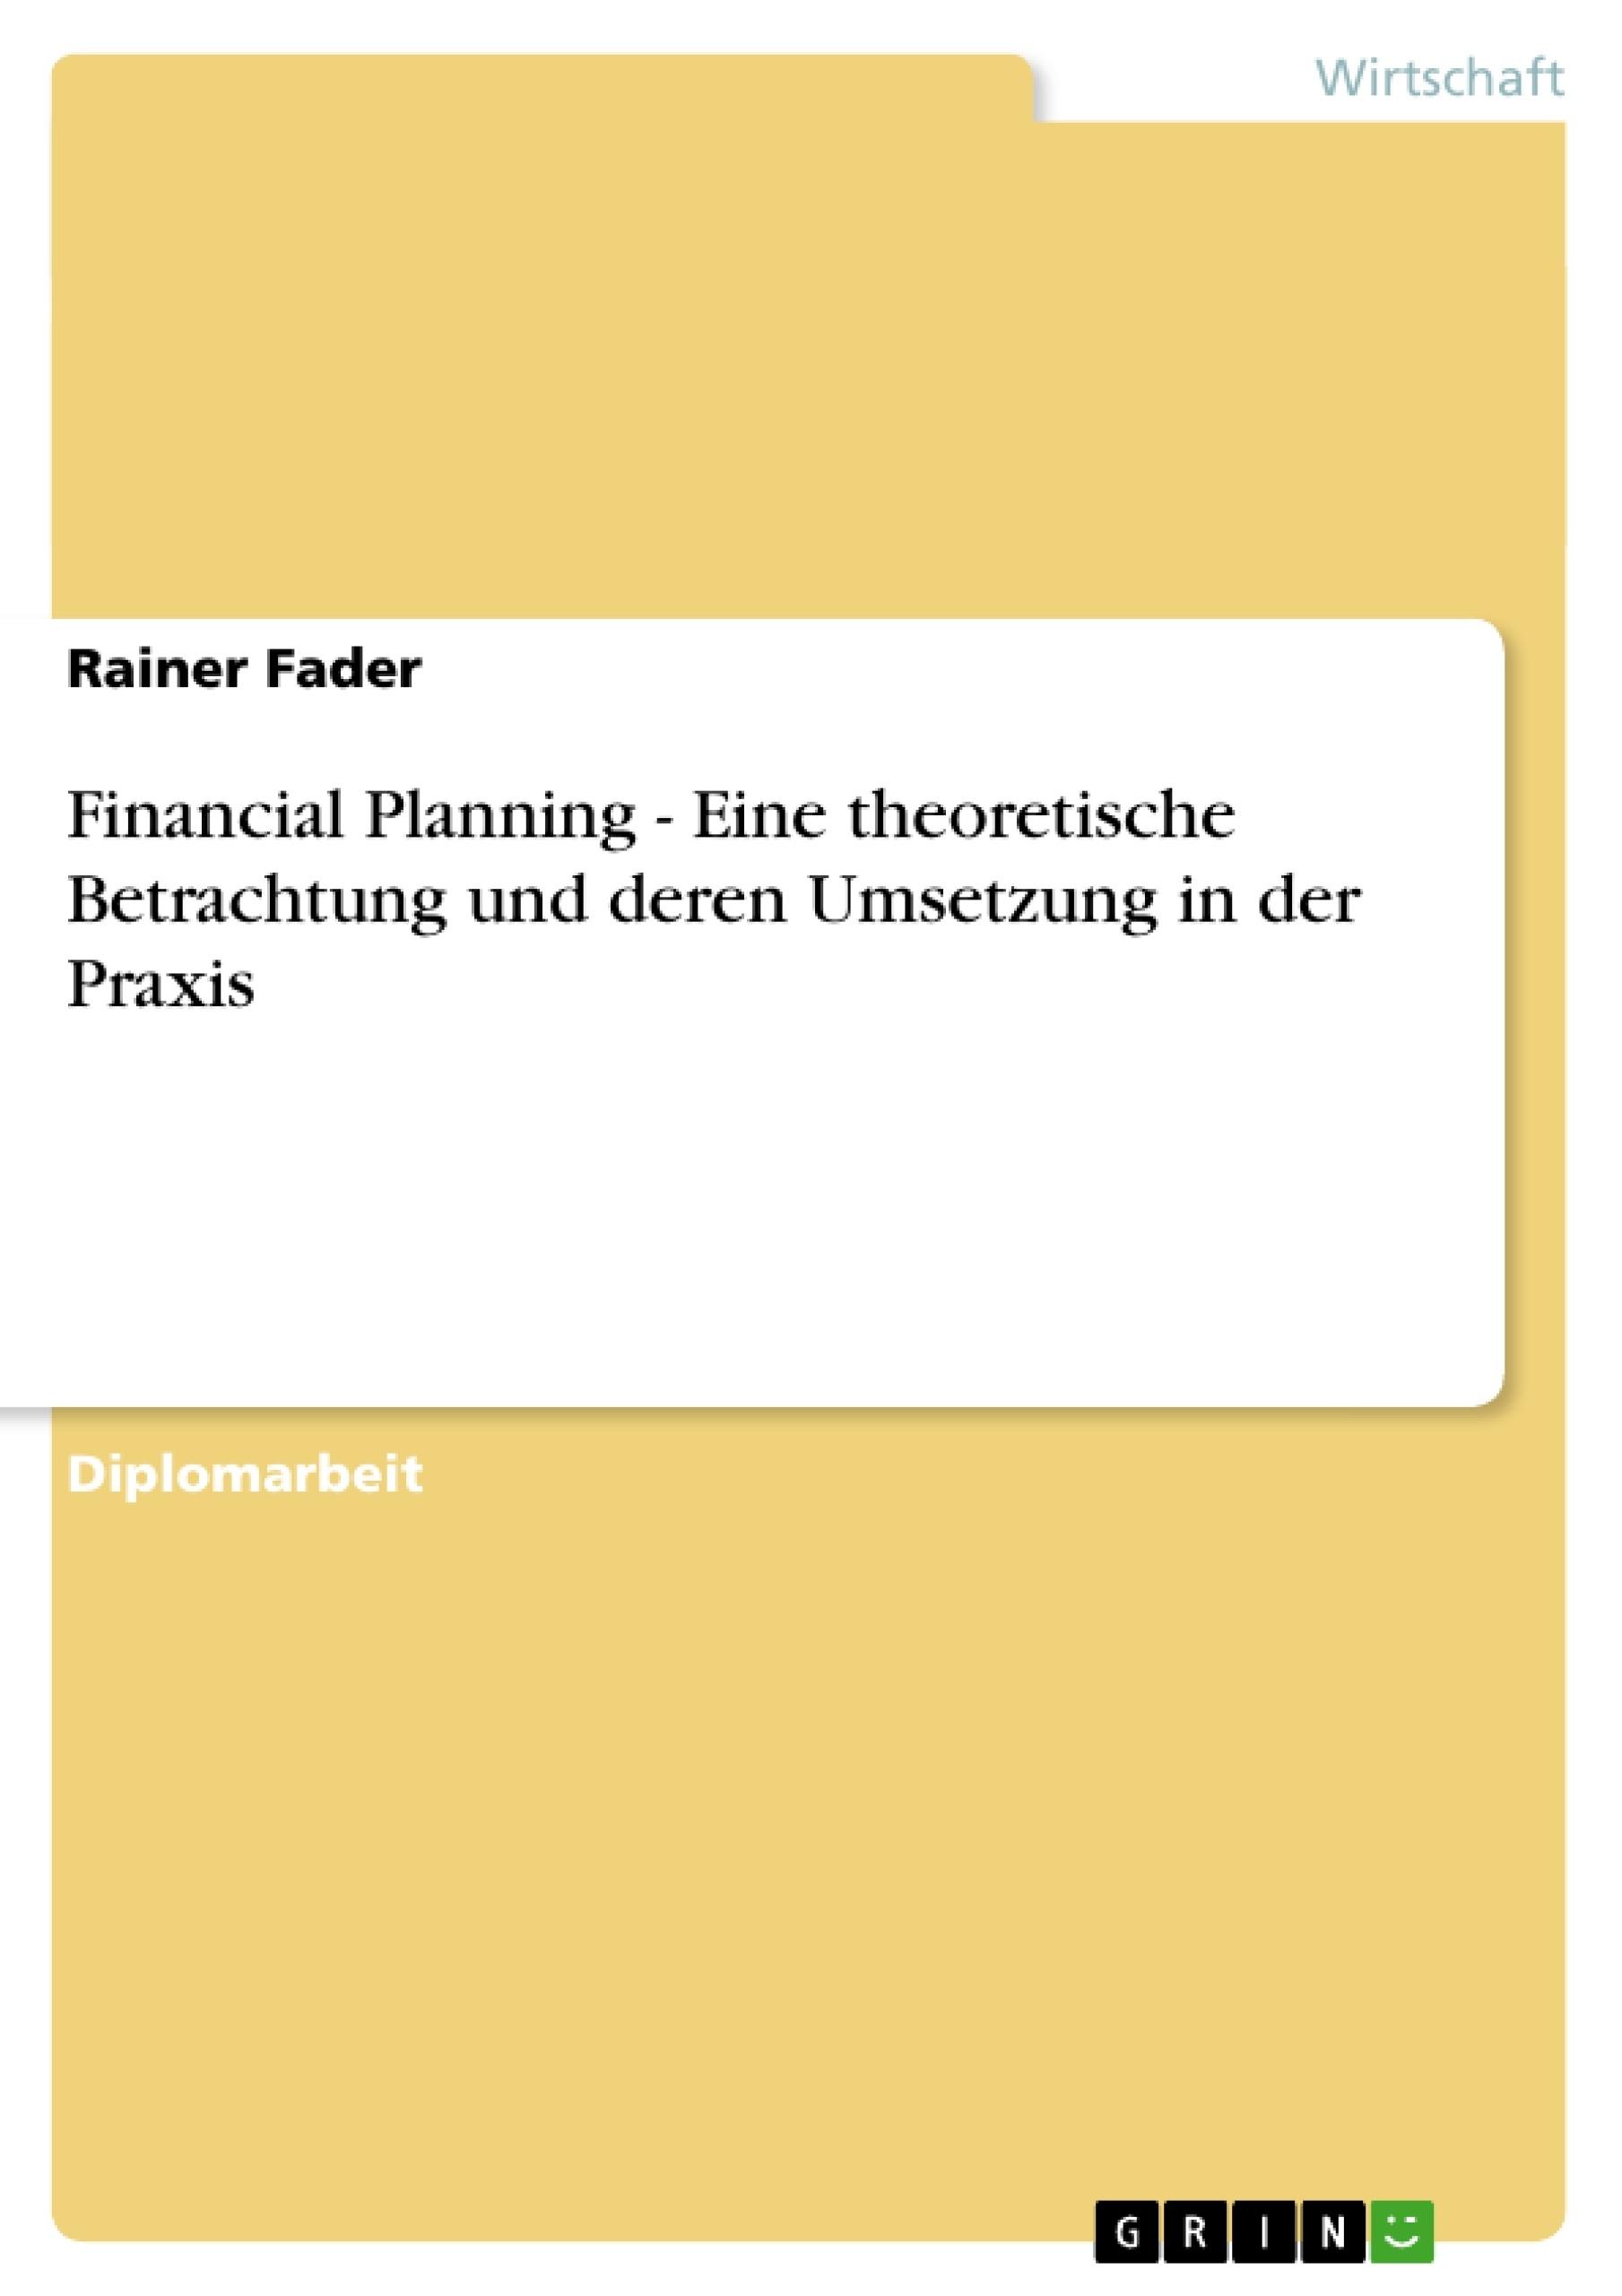 Titel: Financial Planning - Eine theoretische Betrachtung und deren Umsetzung in der Praxis